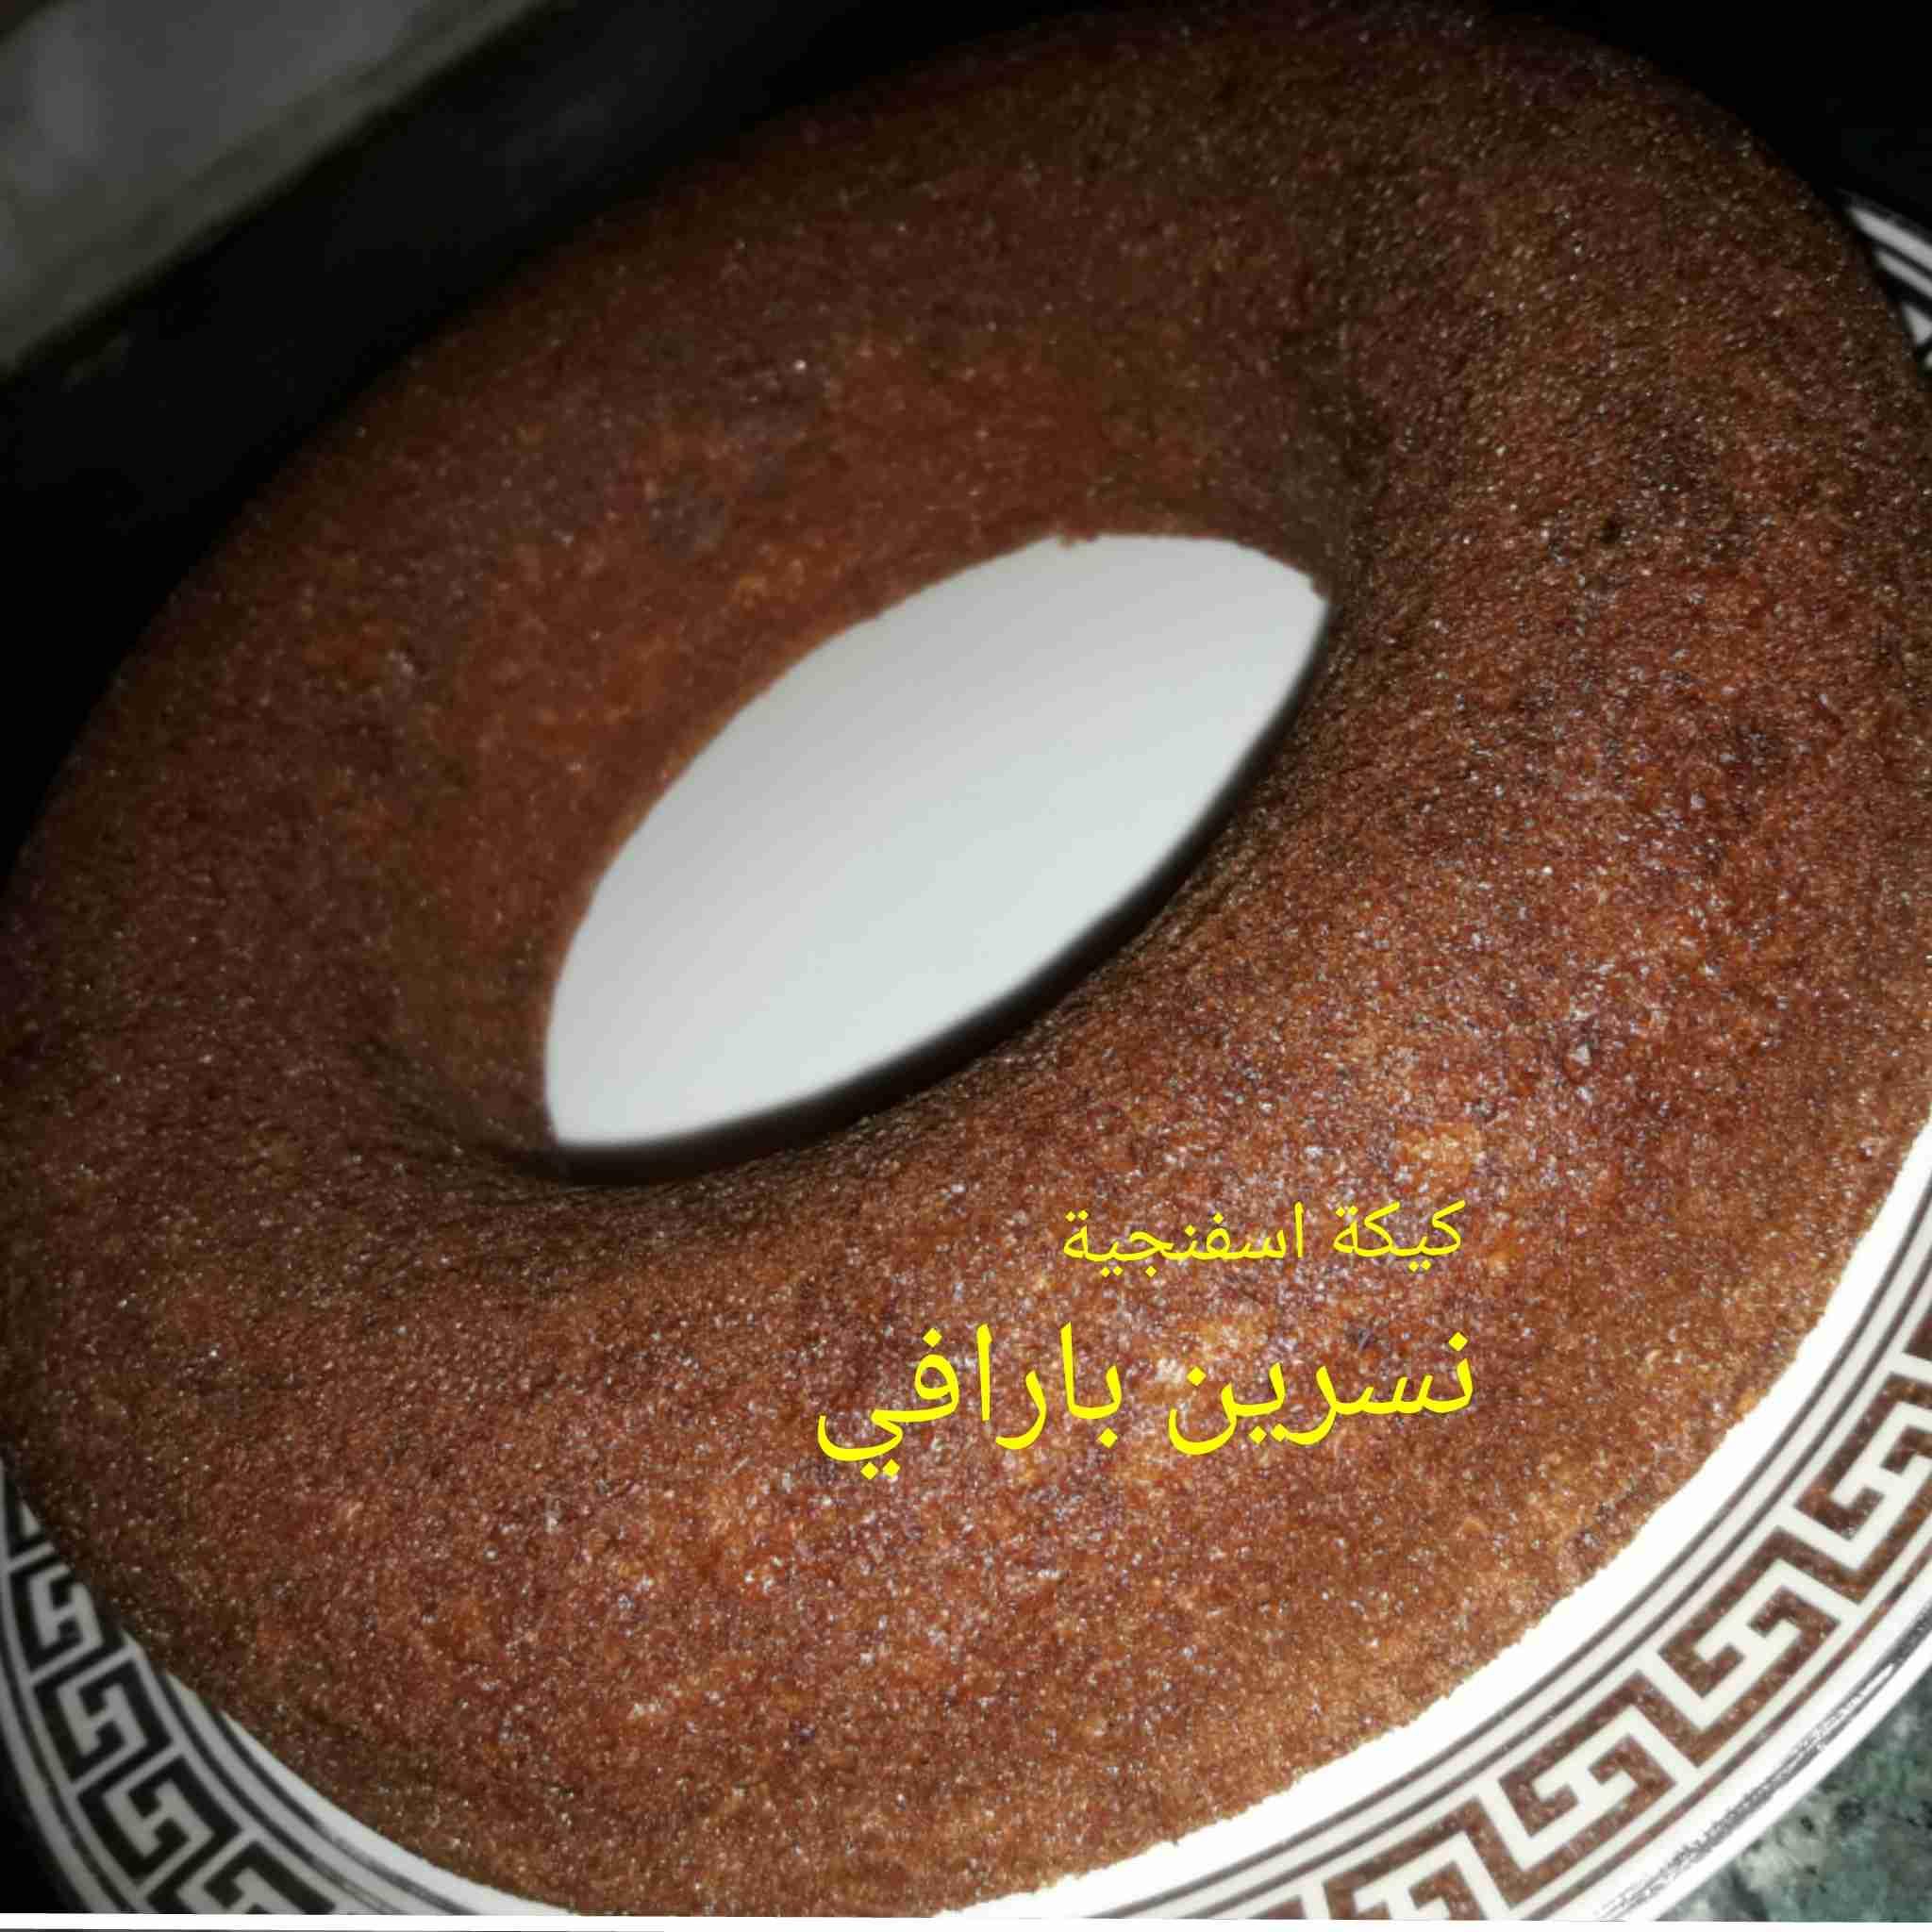 كيكة اسفنجية شهية معكم صديقة زاكي الشيف نسرين بارافي